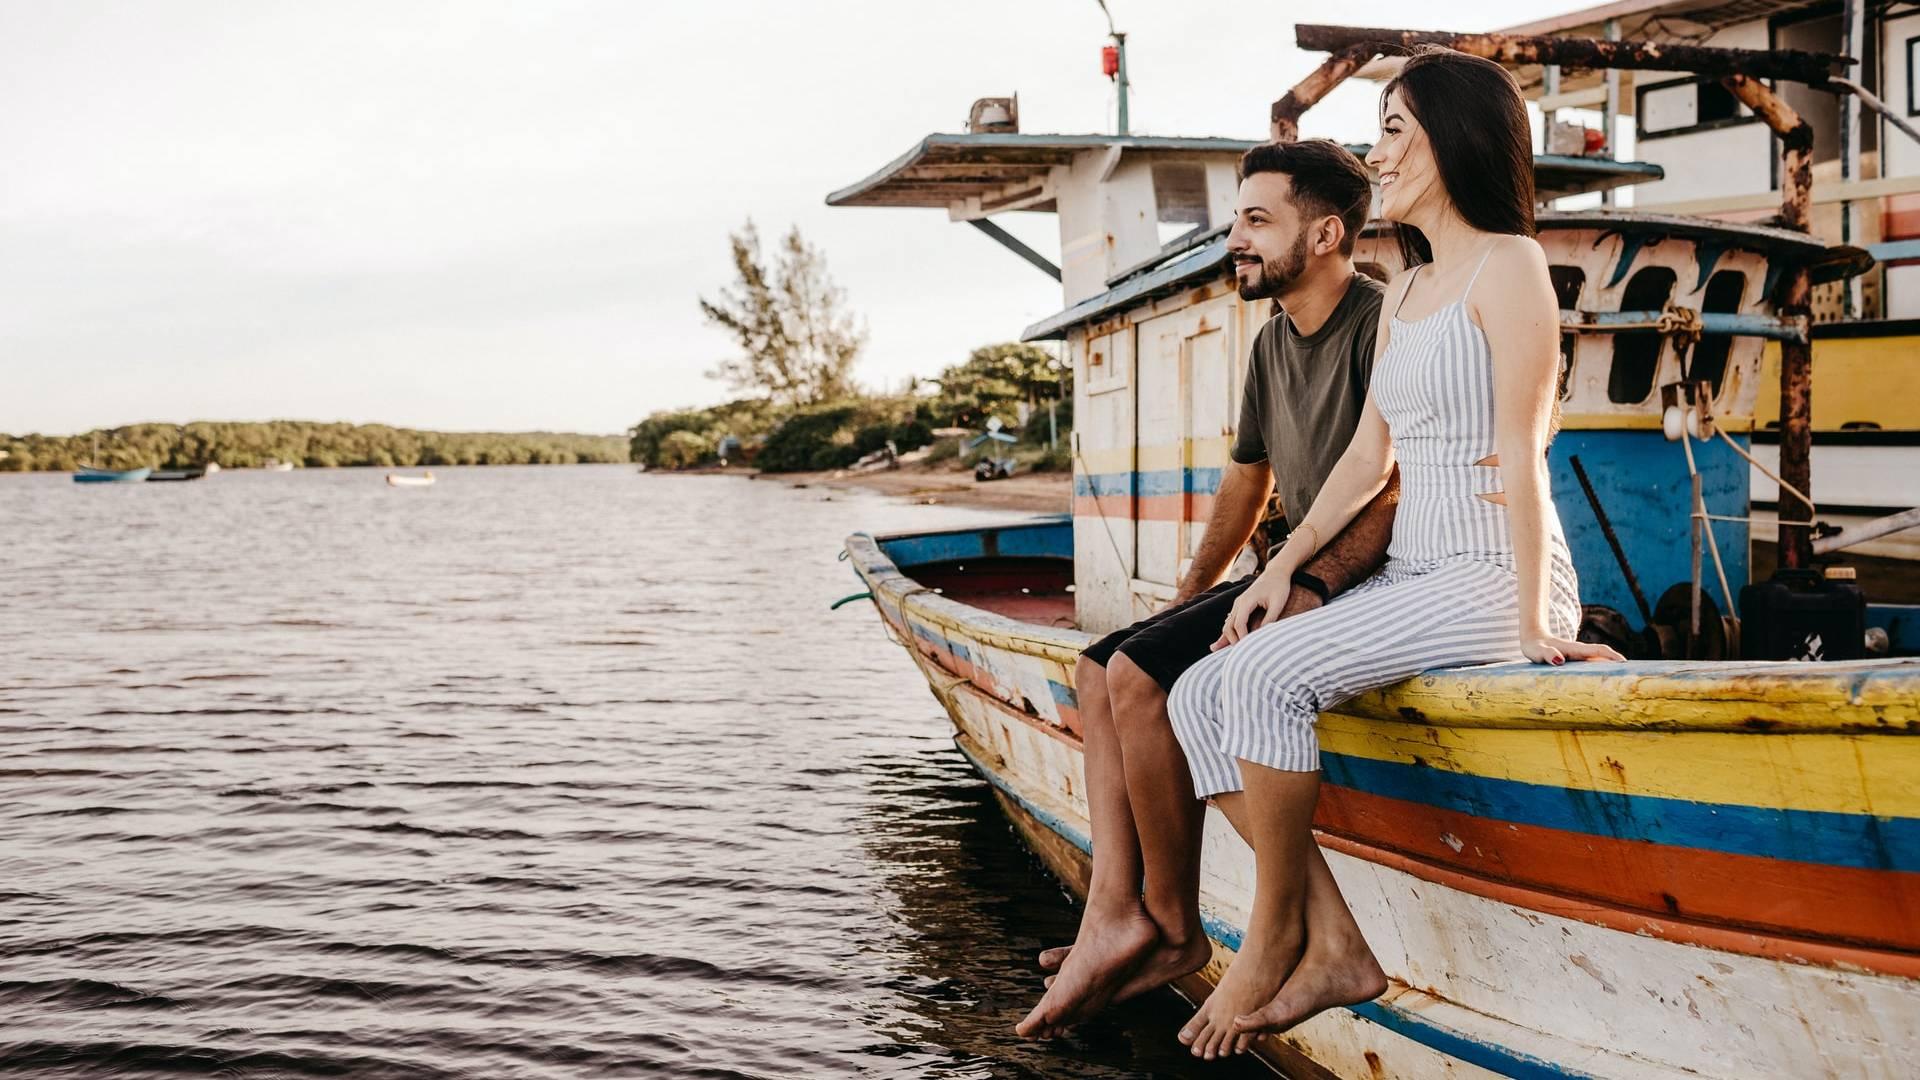 szerelmespár hajón